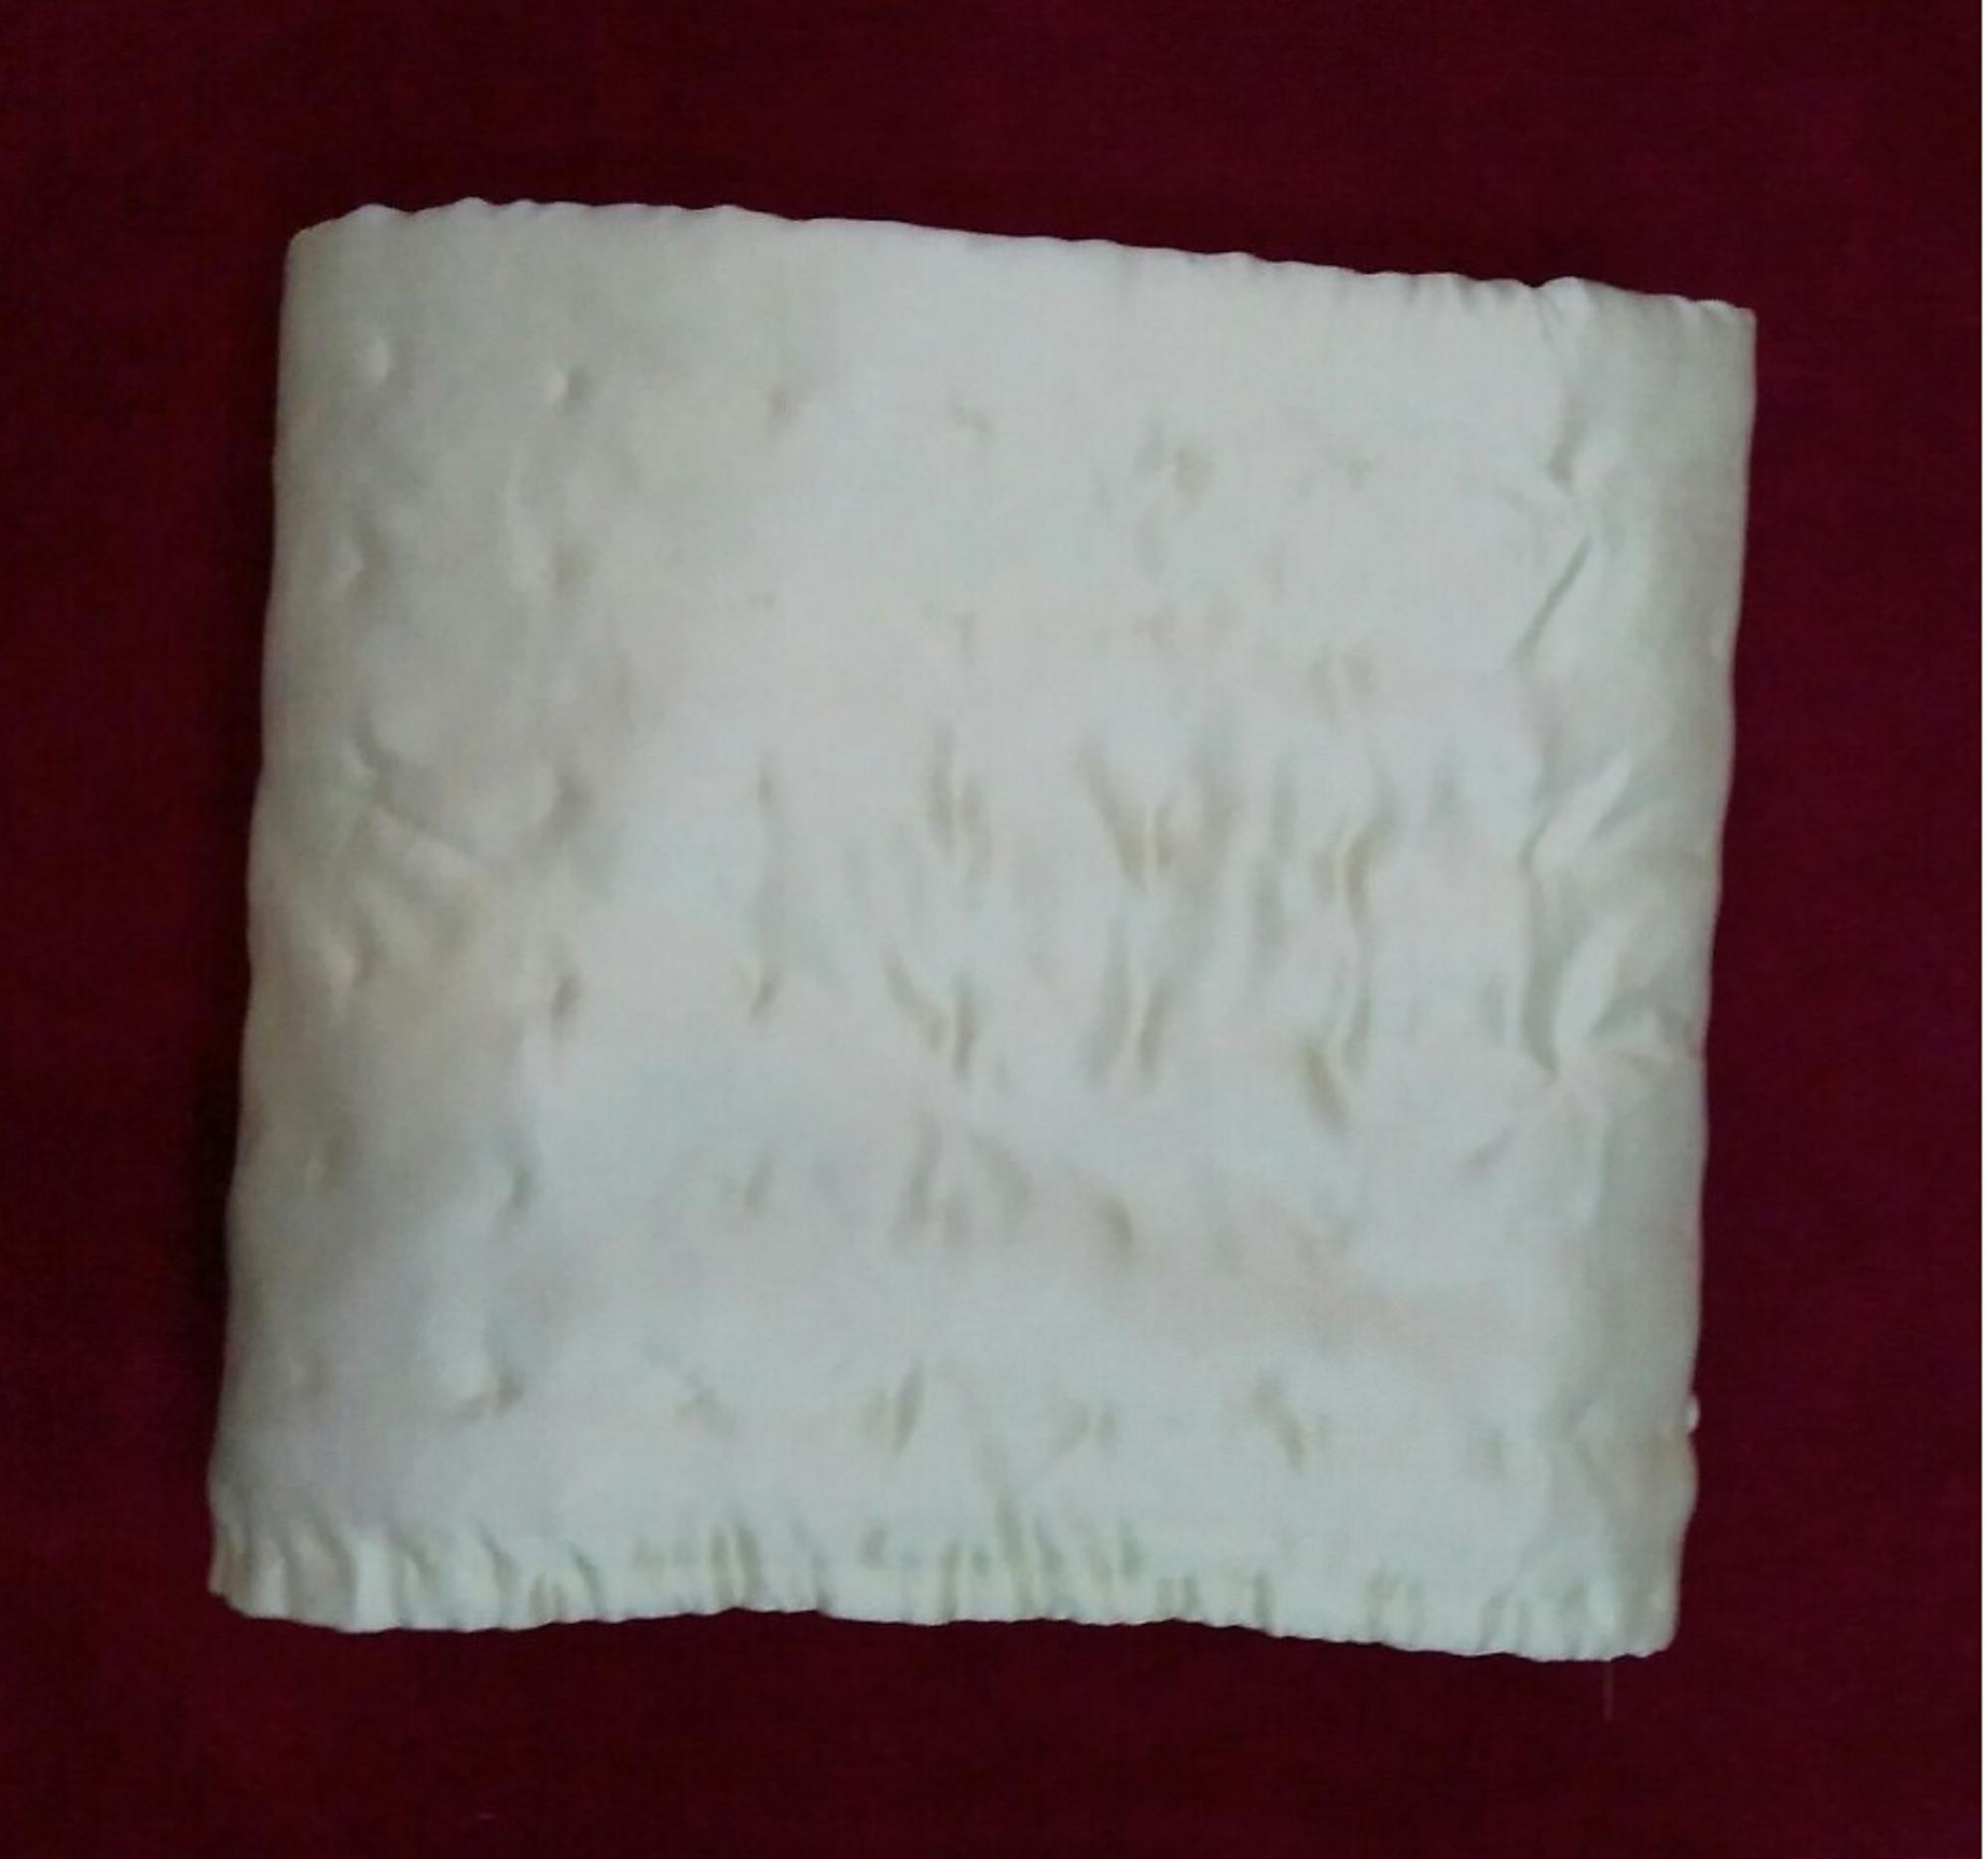 Mền chăn tơ tằm cho trẻ em 100% từ sợi tơ tằm thiên nhiên - kháng khuẩn và thoáng khí - tốt cho sức khỏe bé yêu